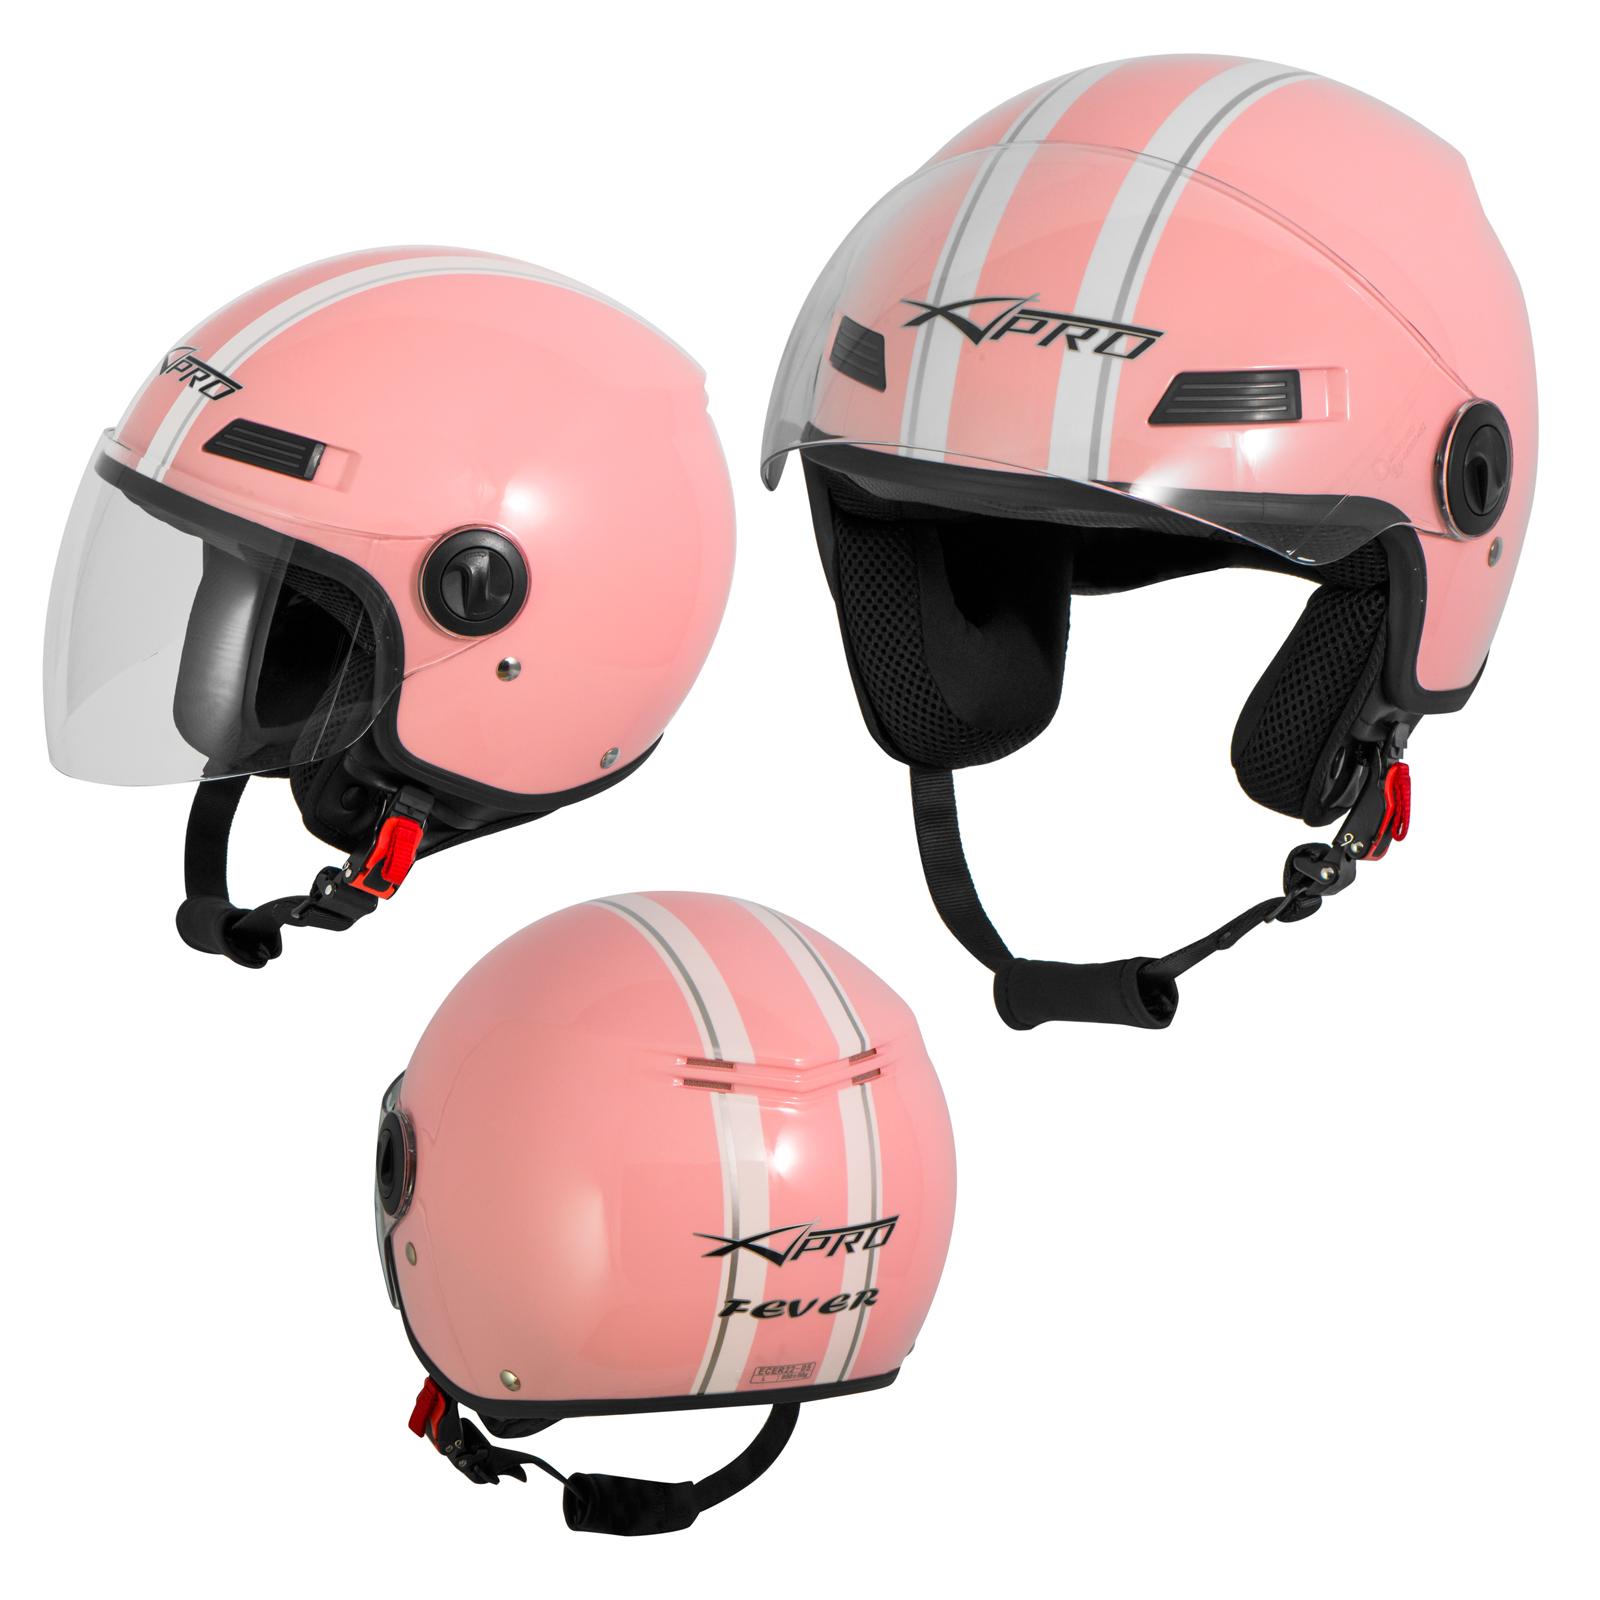 Casco-Jet-Scooter-Moto-Quad-Omologato-ECE-22-05-Visiera-Sonicmoto